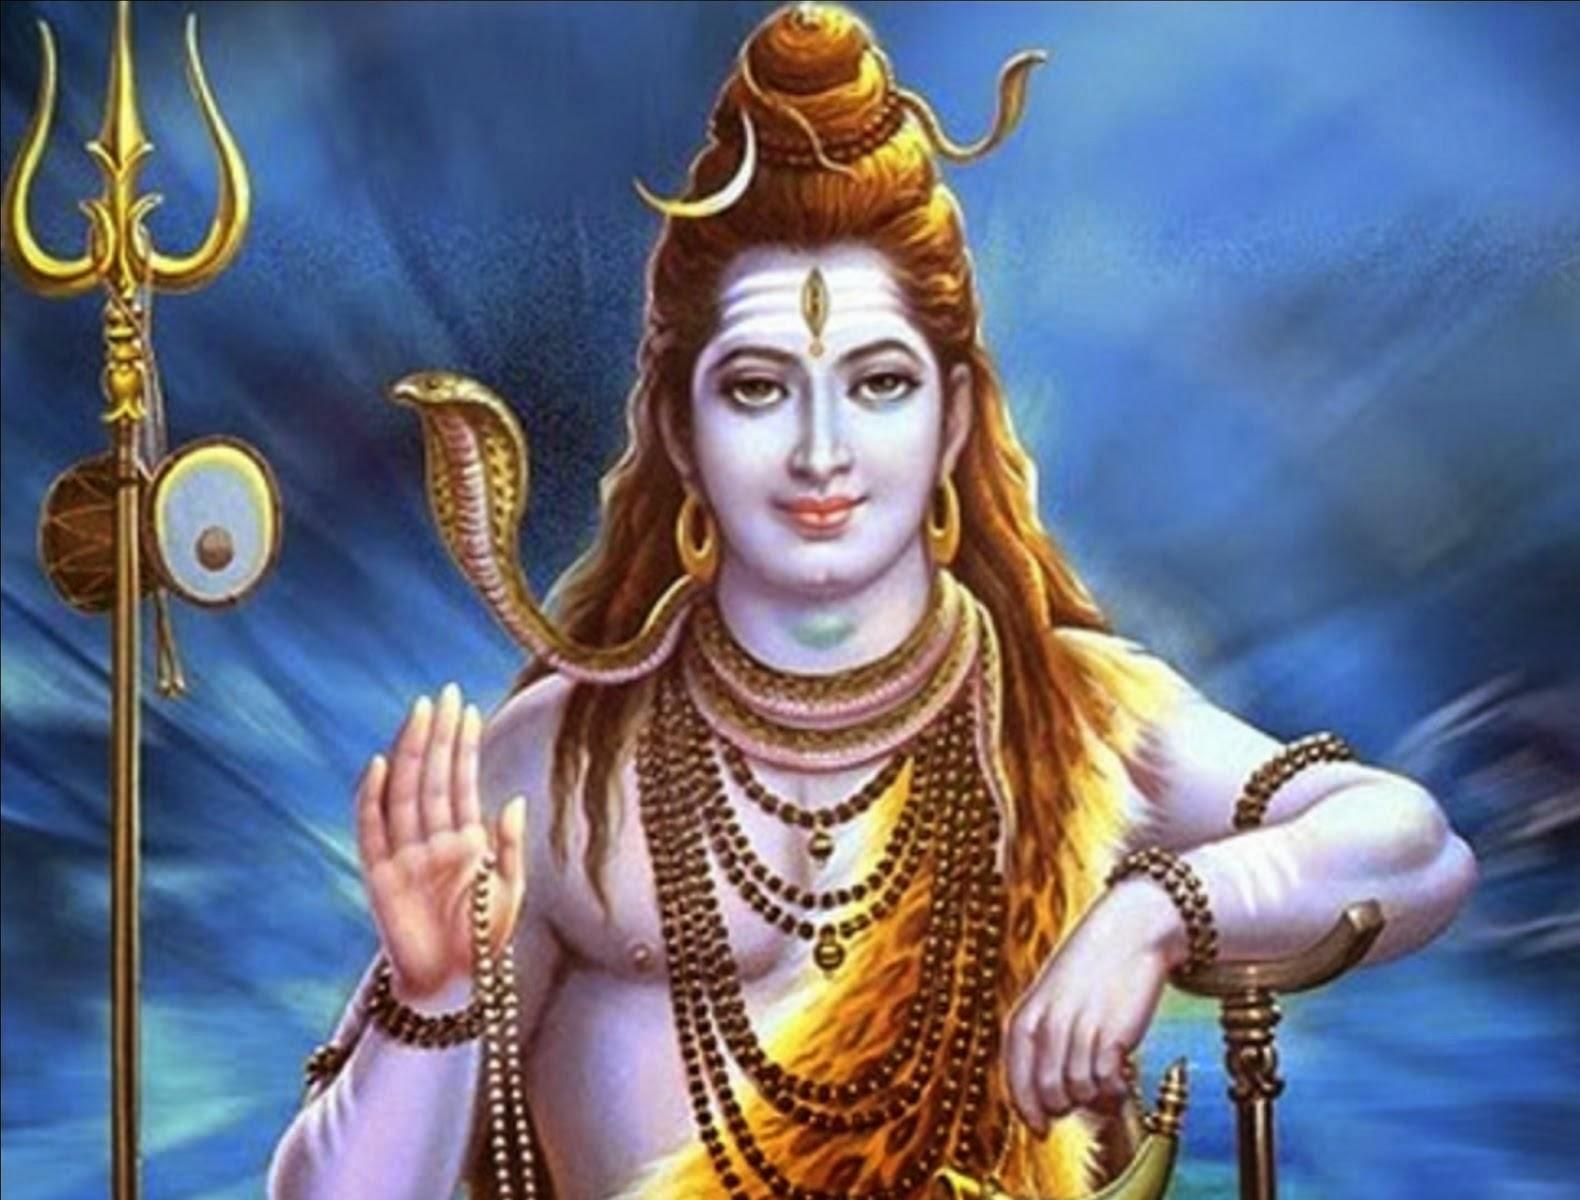 Vishnu puranam in telugu